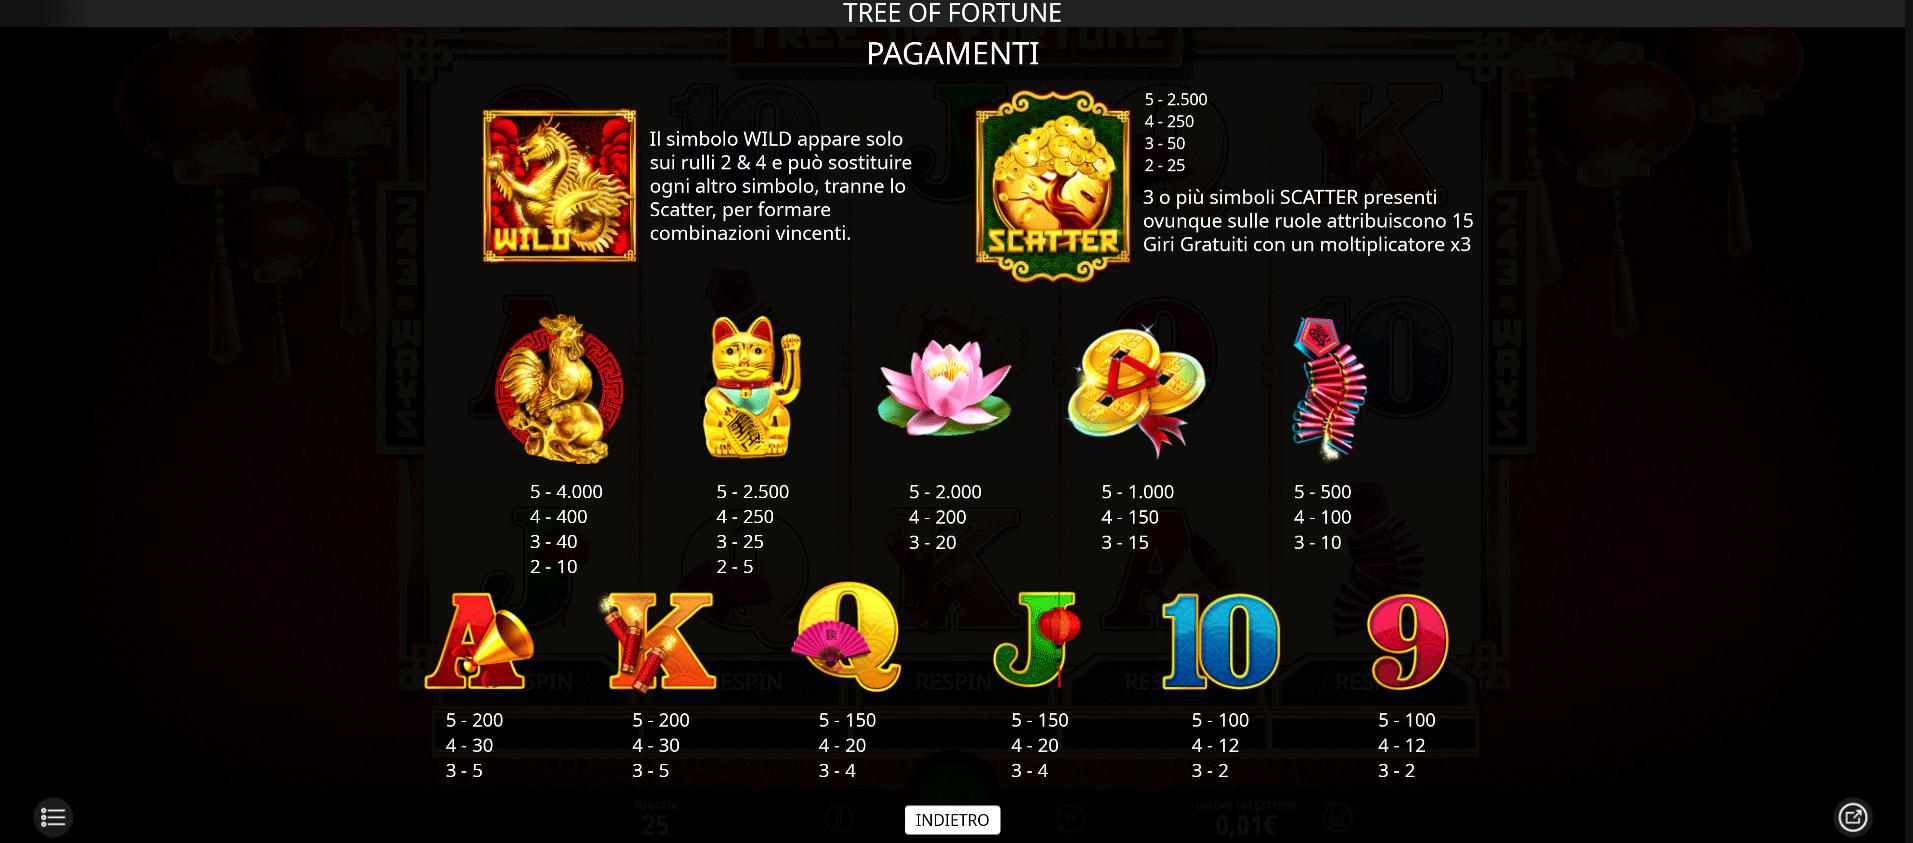 tabella dei pagamenti della slot machine tree of fortune online